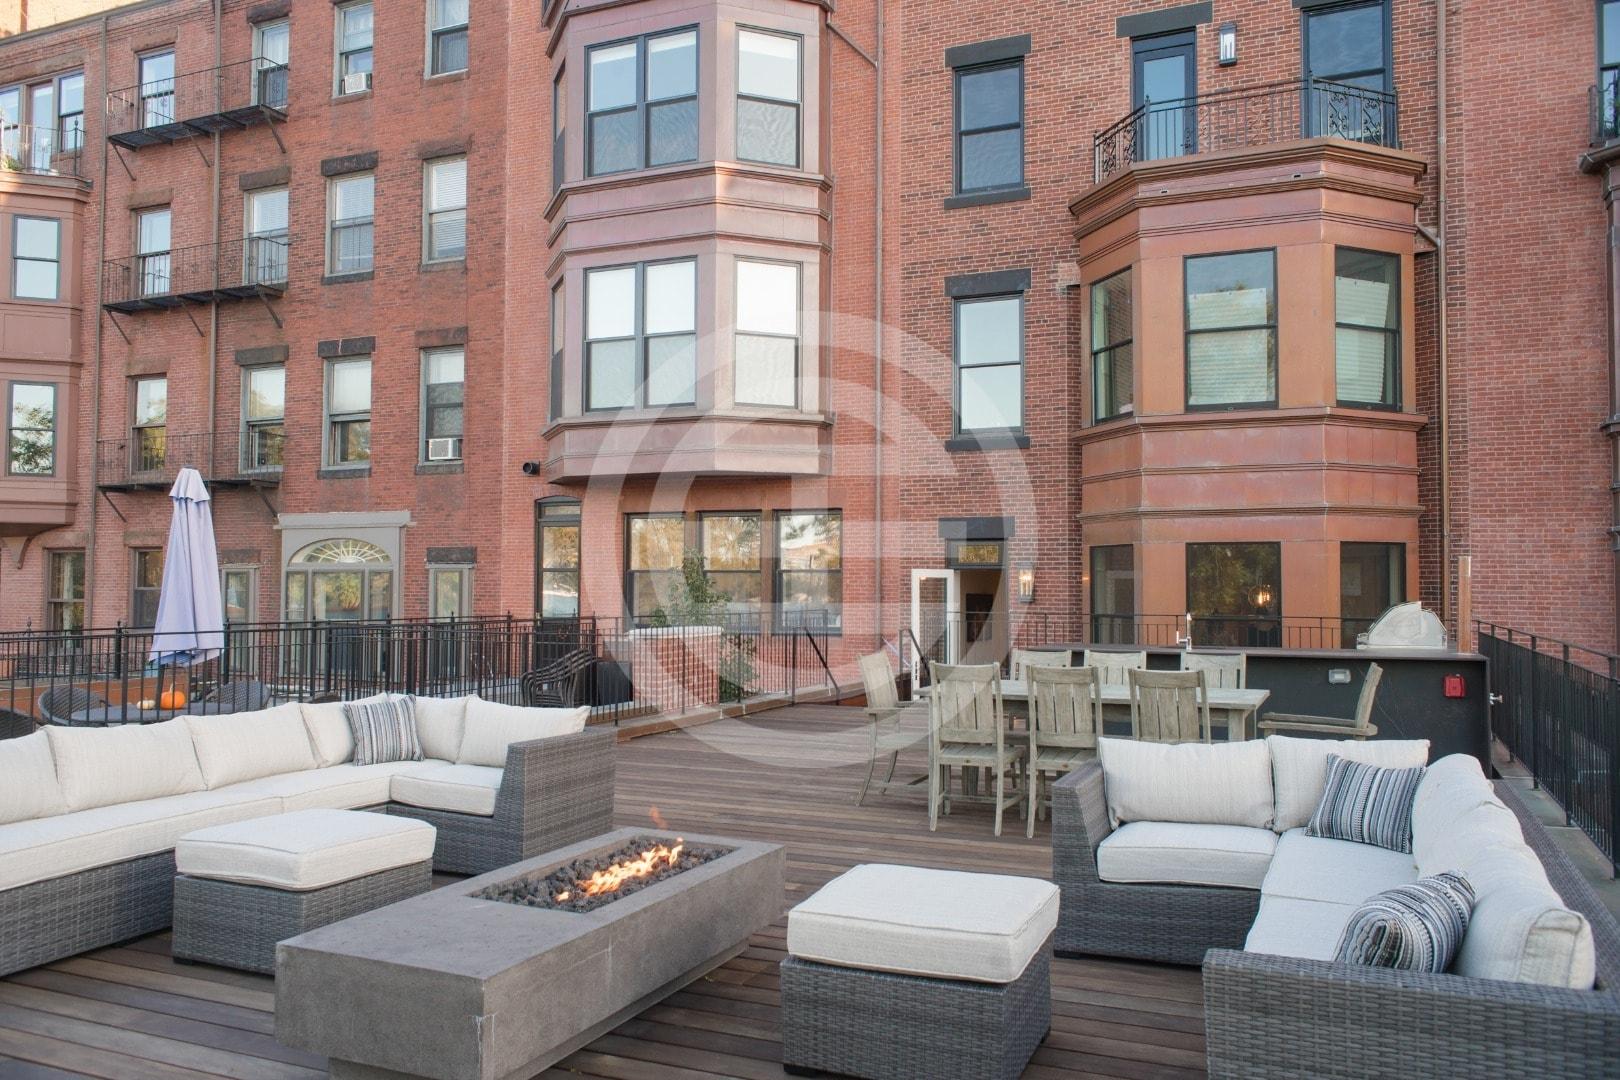 贝肯街(Beacon Street)474号公寓大楼外观